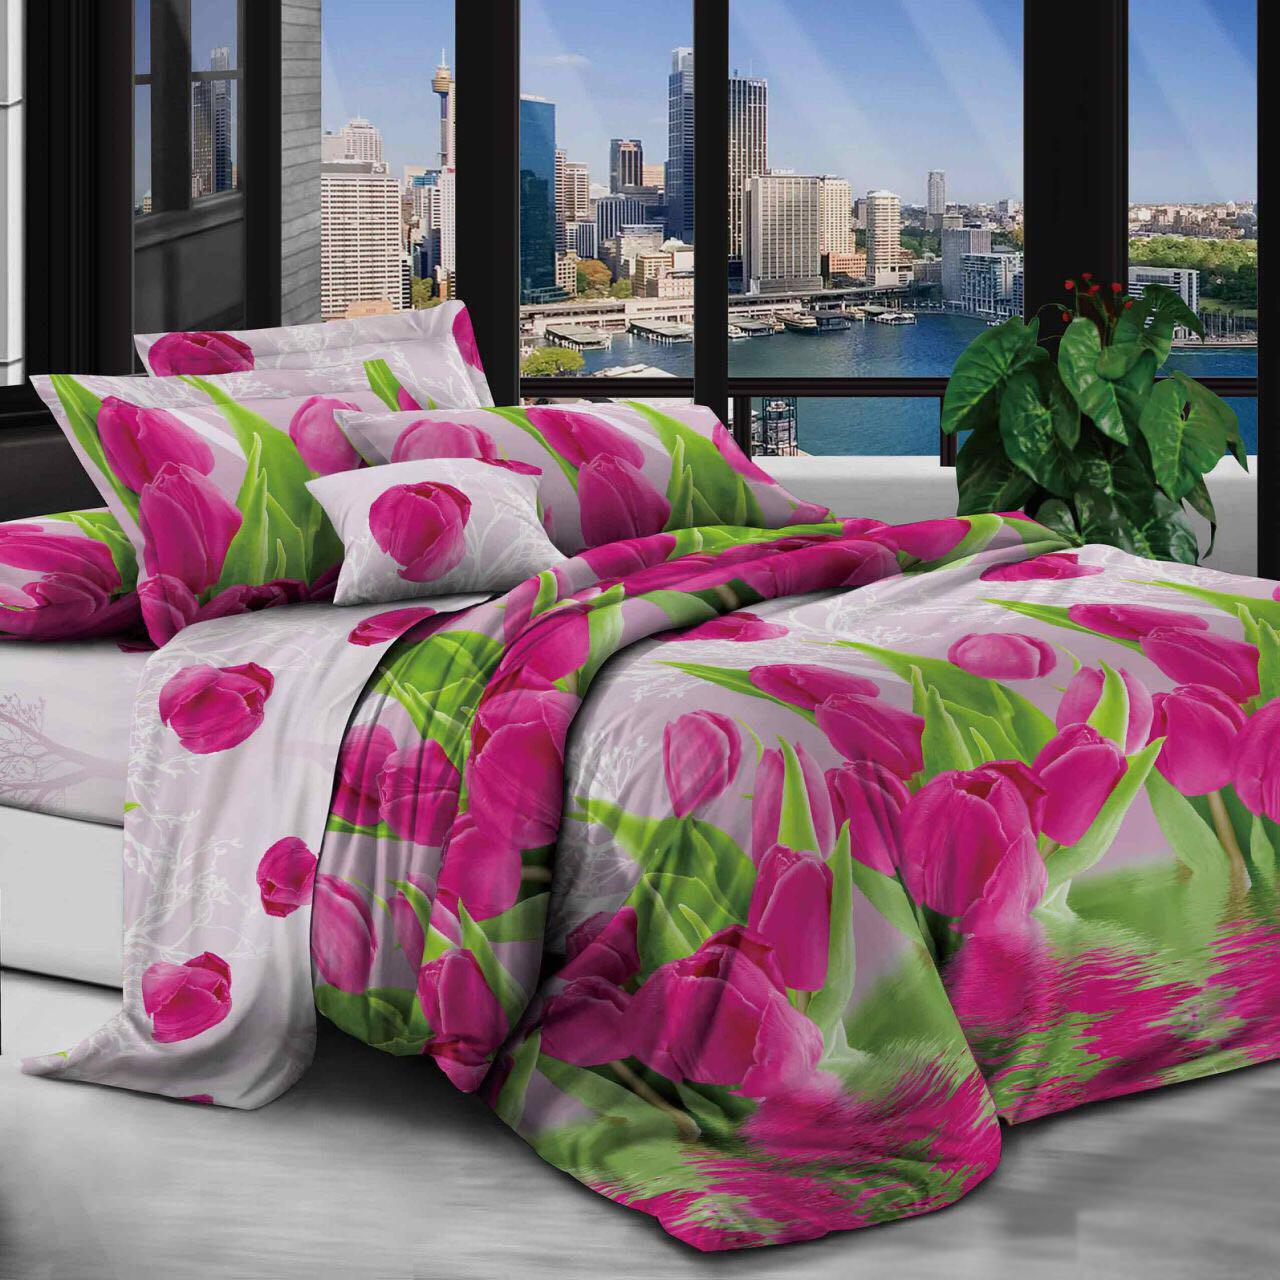 Двуспальный комплект постельного белья евро 200*220 хлопок  (13134) TM KRISPOL Украина